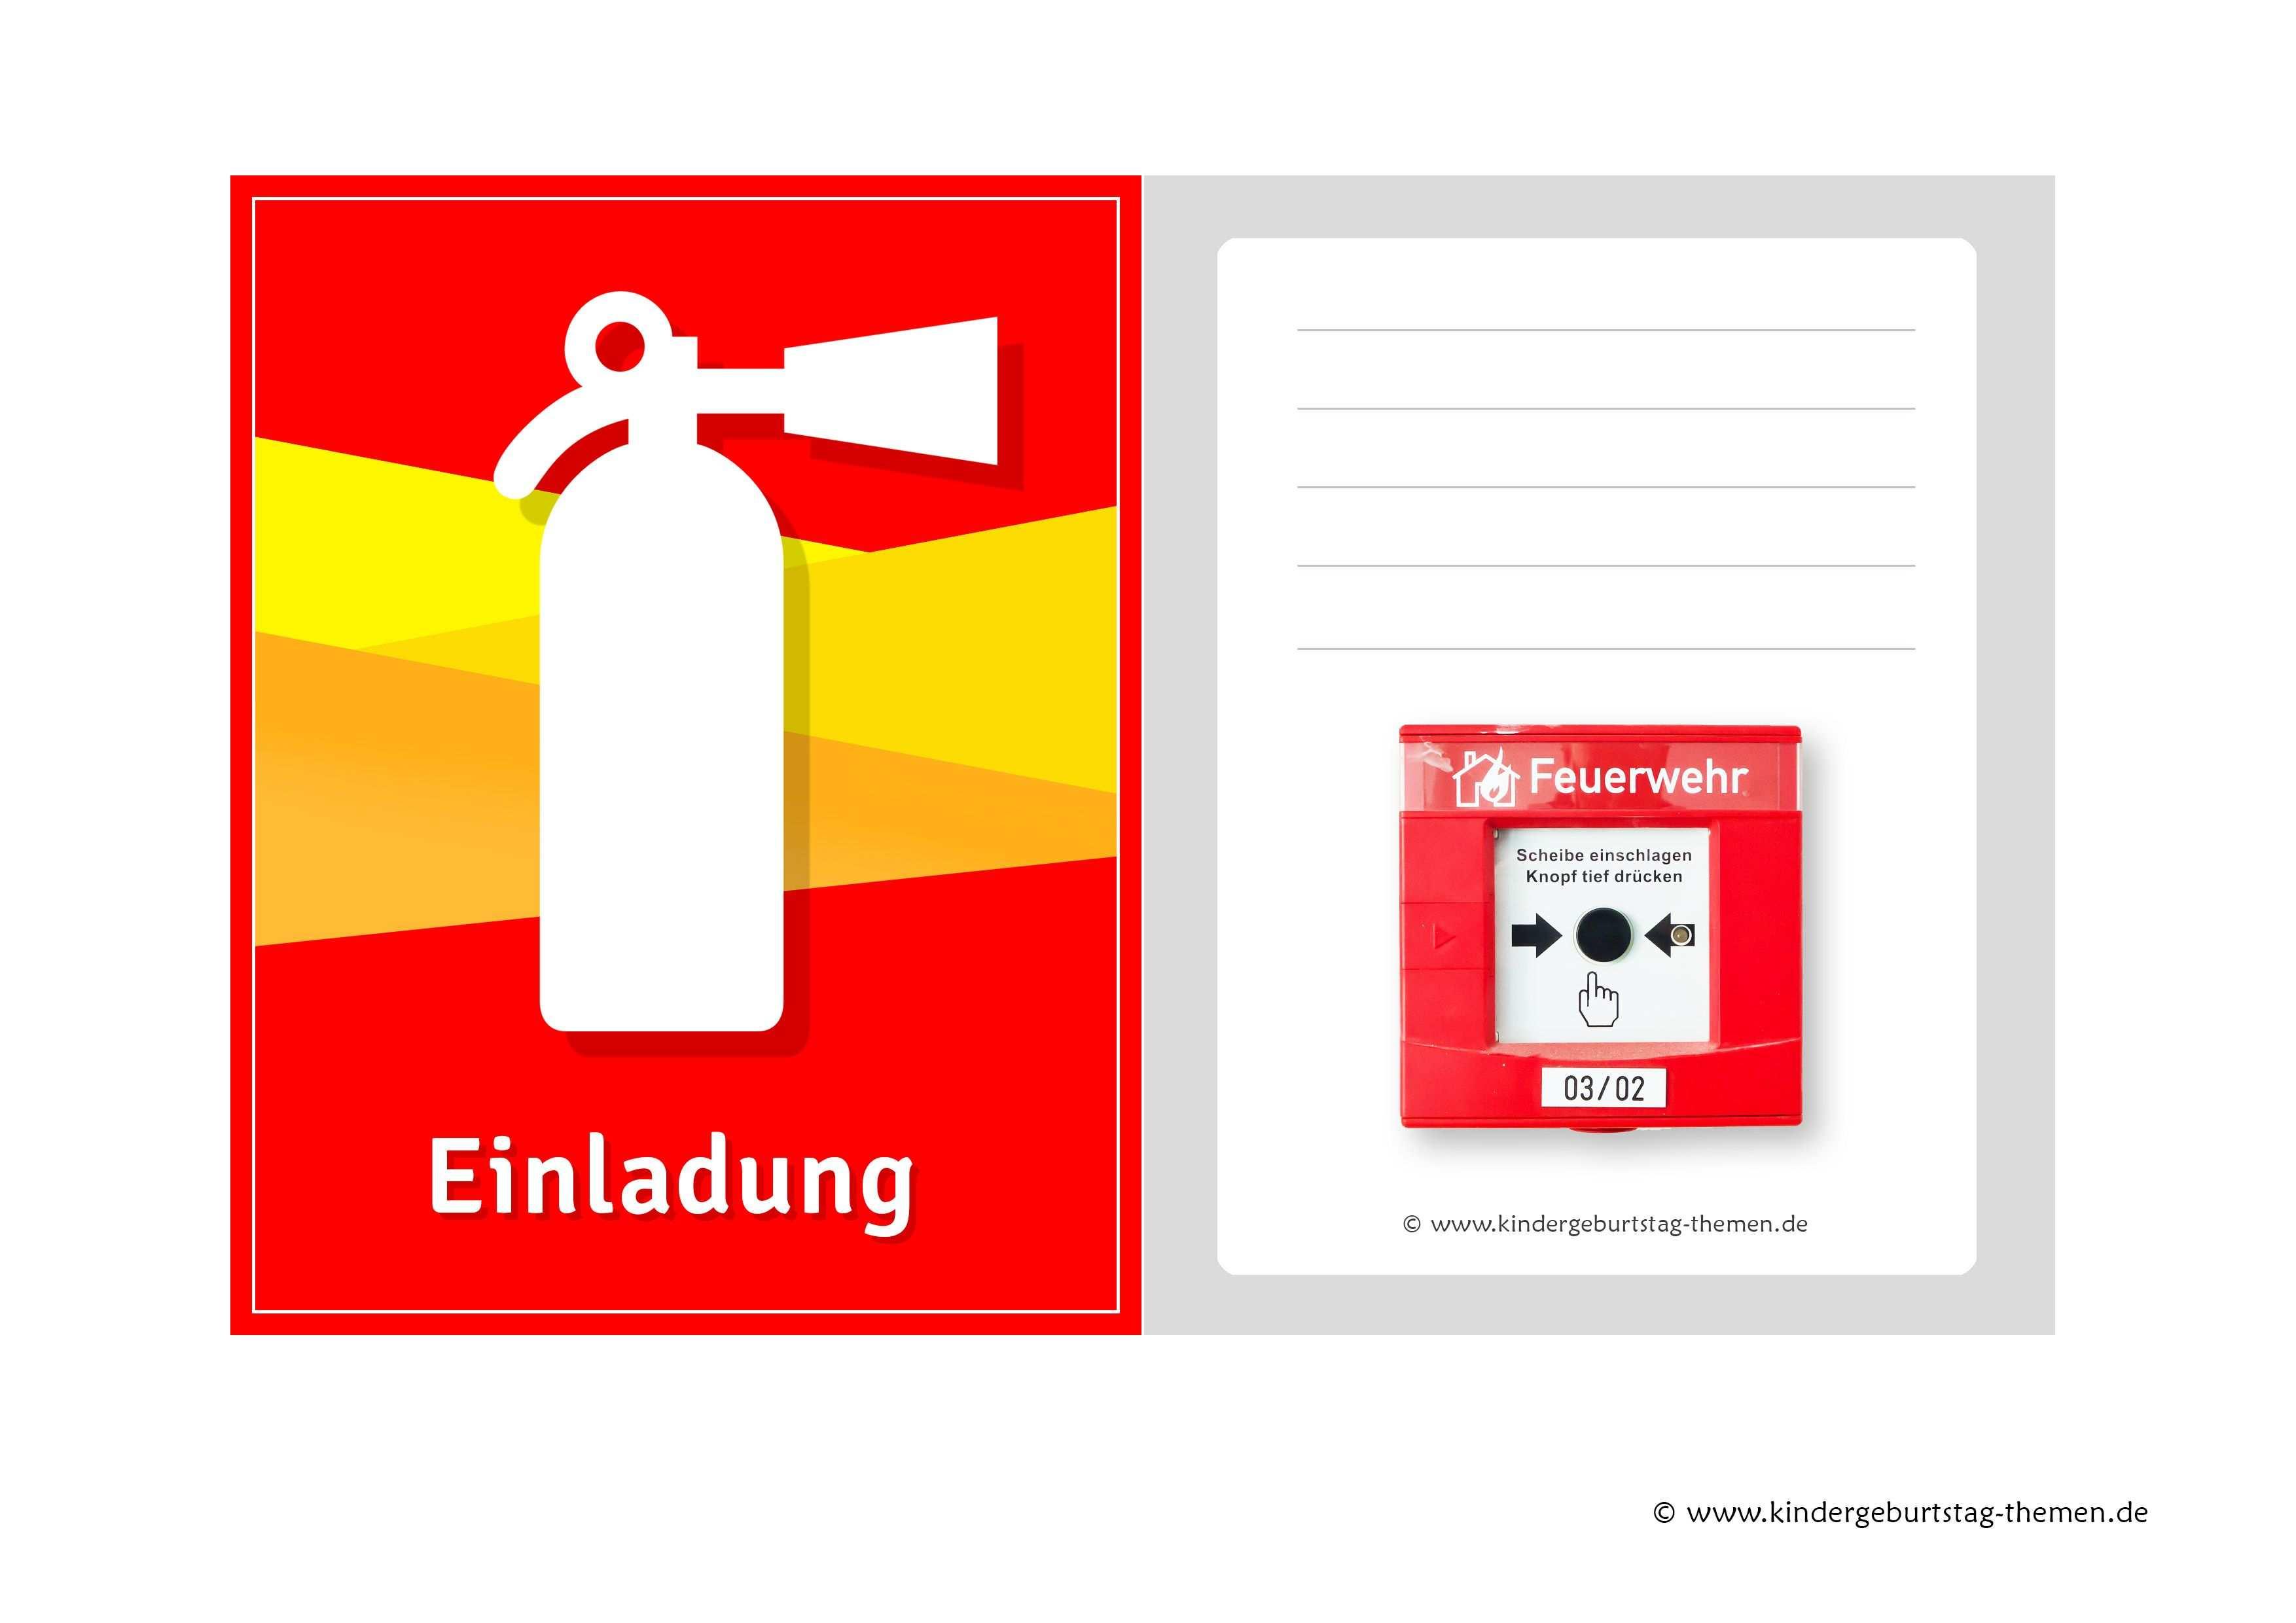 Einladungskarten Feuerwehr Zur Kinderparty Kostenlose Vorlagen Von Der Einladungen Zum Ausdrucken Einladungen Einladungskarten Selber Drucken Einladungskarten